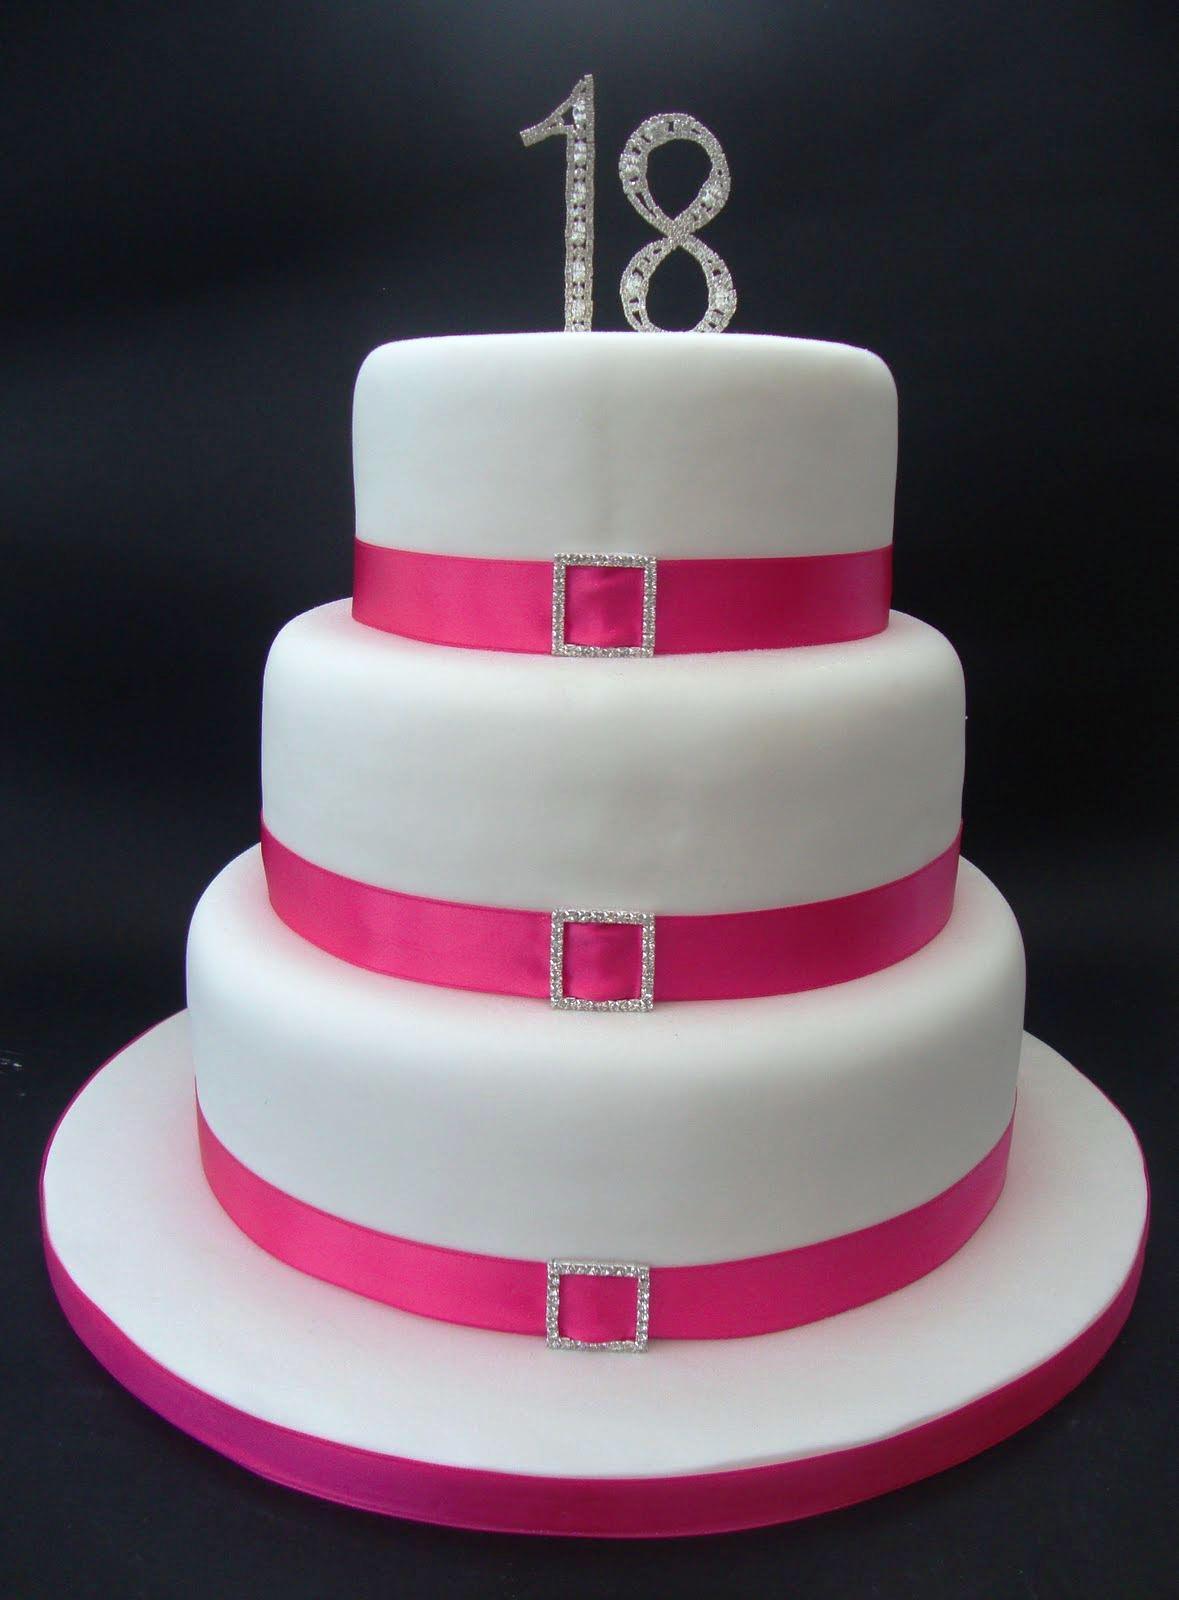 7 Elegant Birthday Cakes For Girls 18th Photo Elegant 18th